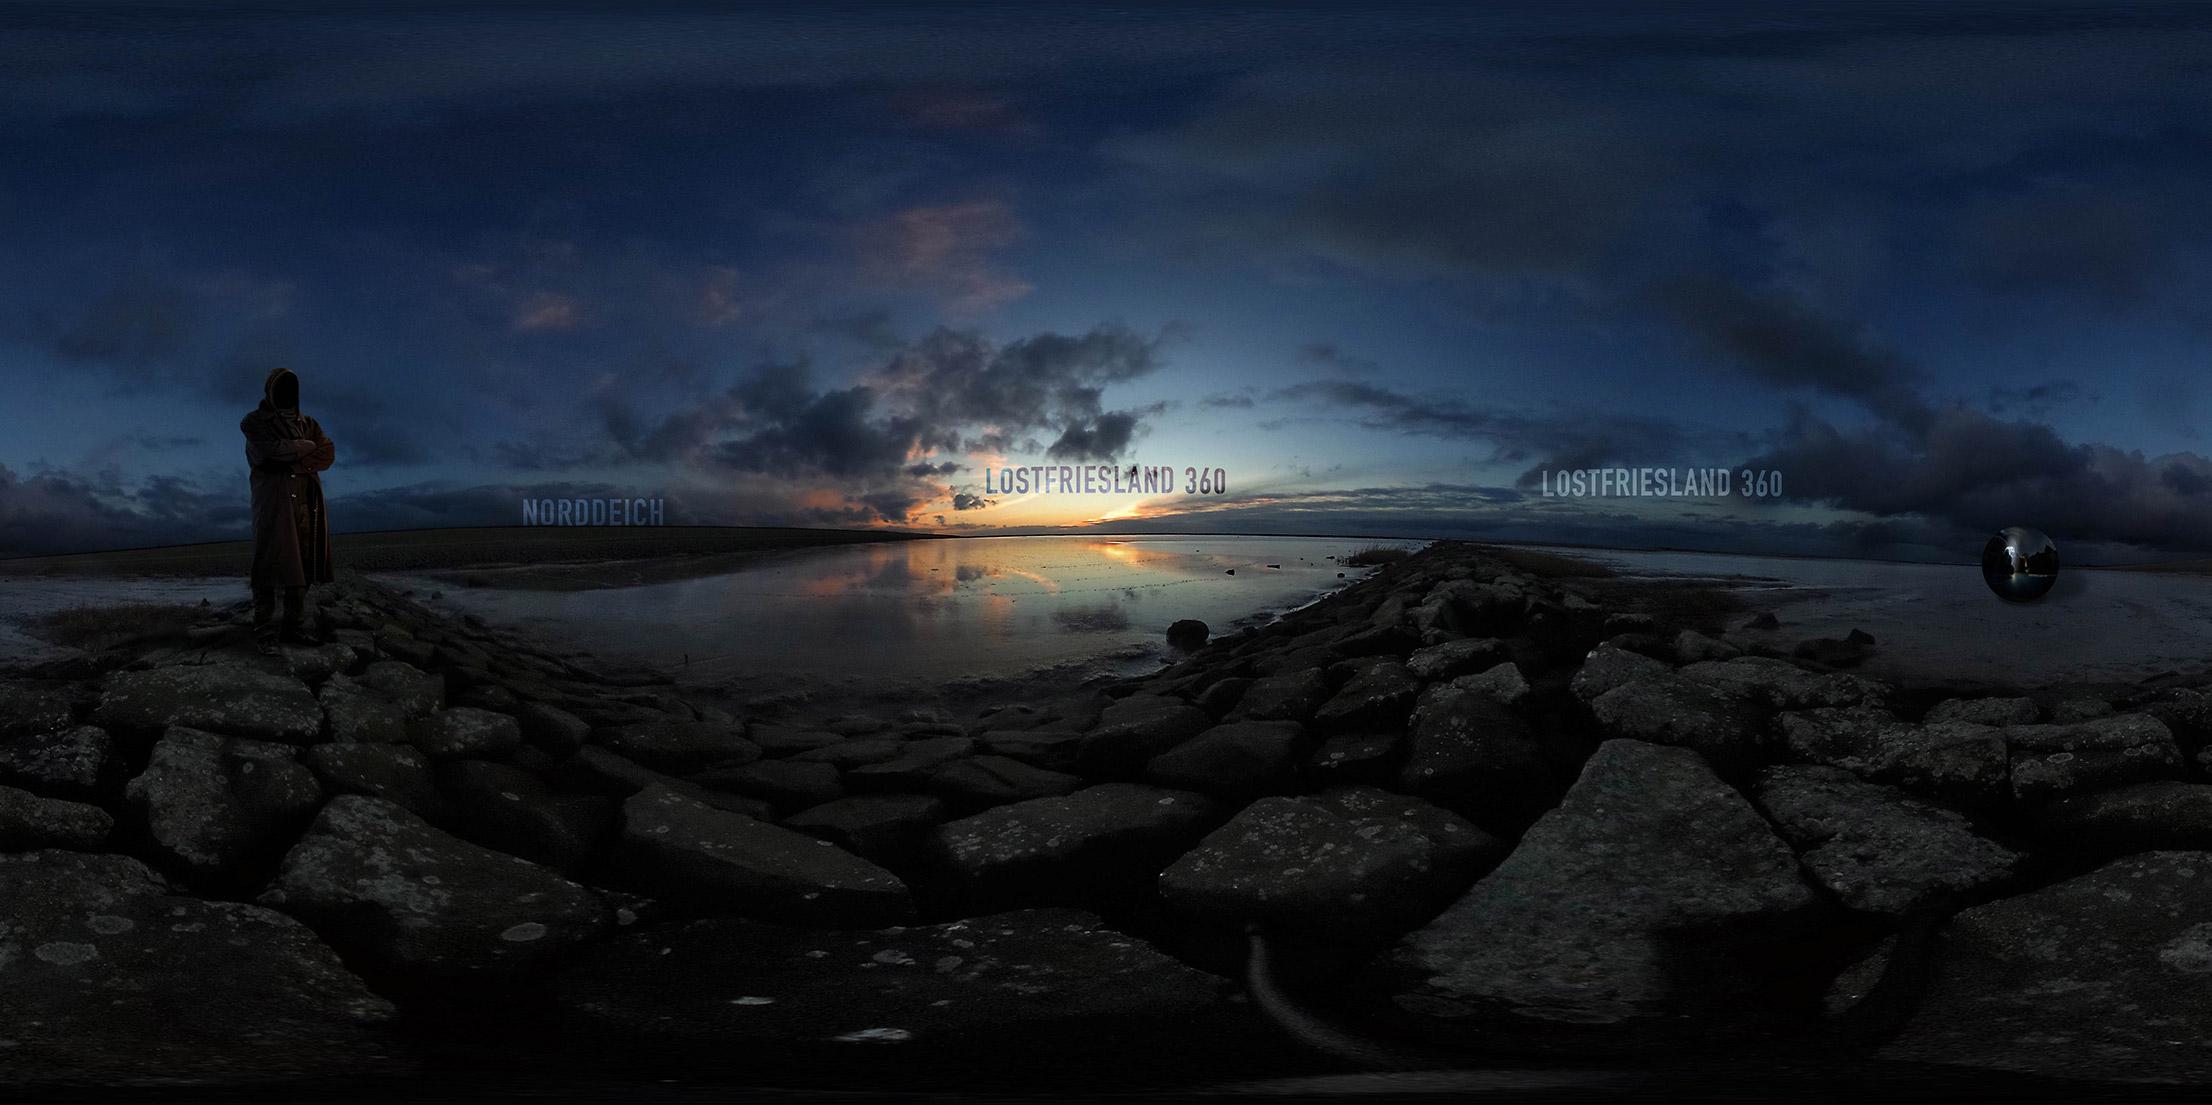 lostfriesland360_bjpg